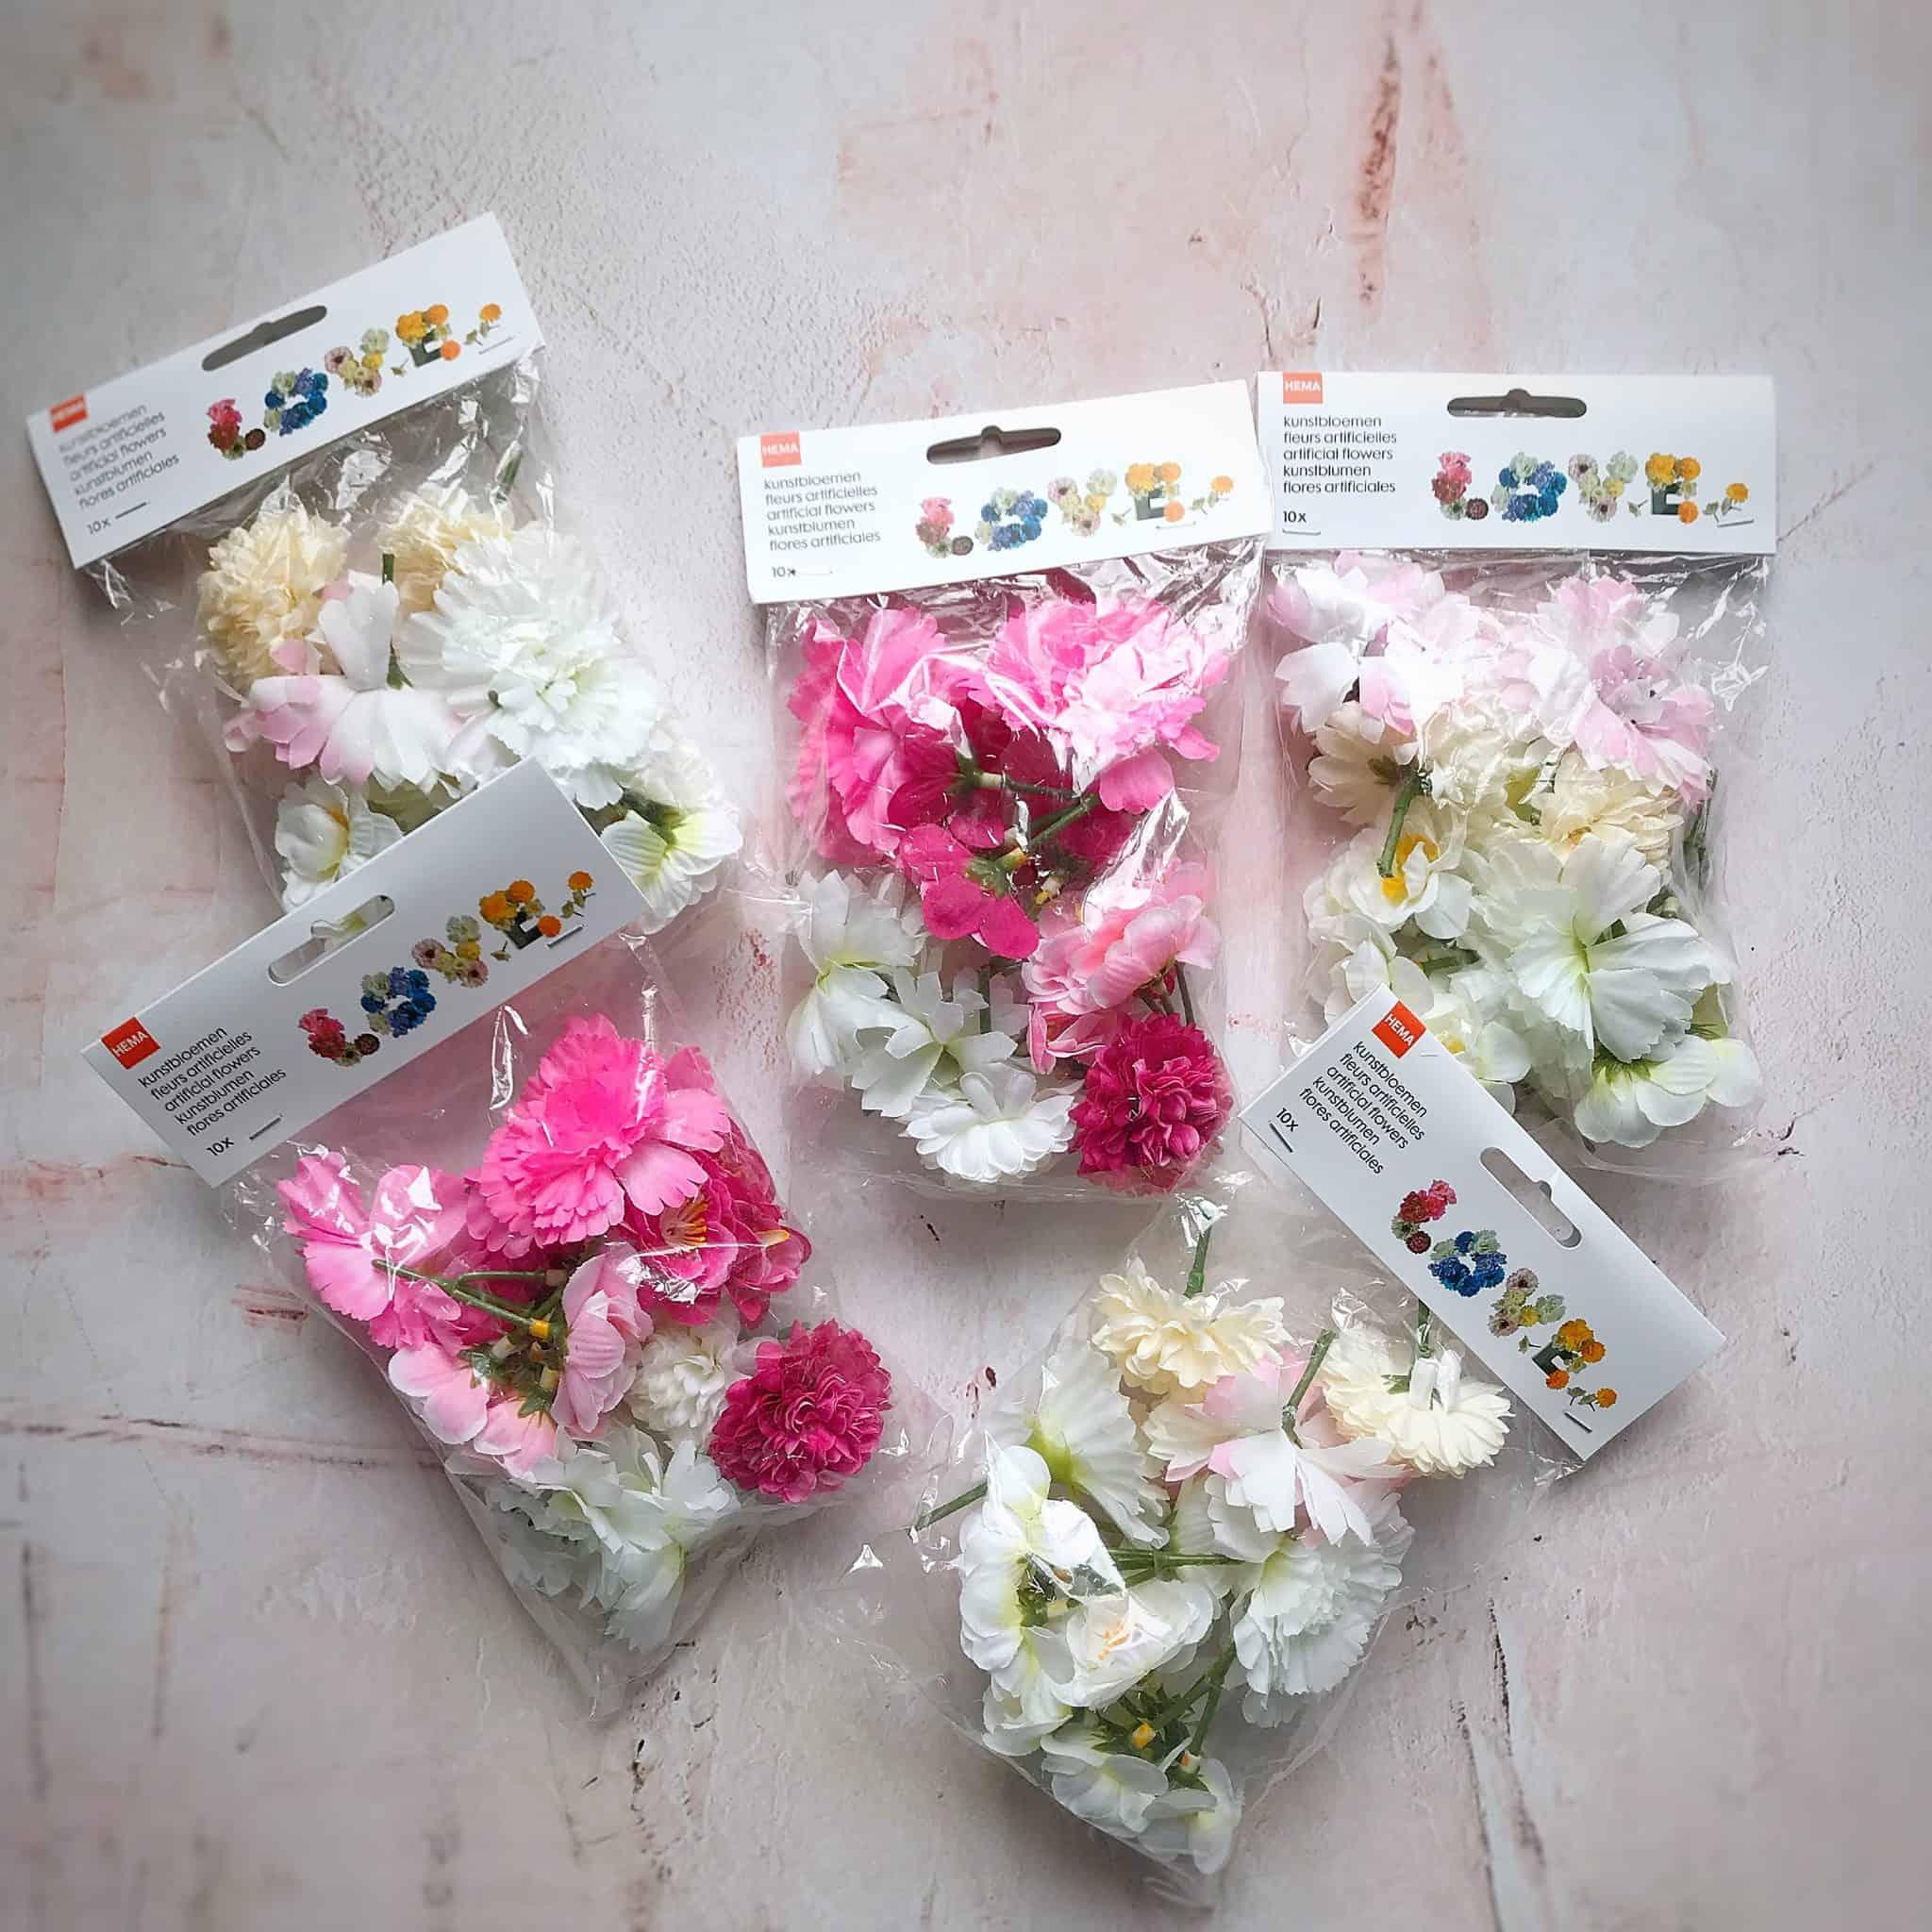 Hema fake flowers